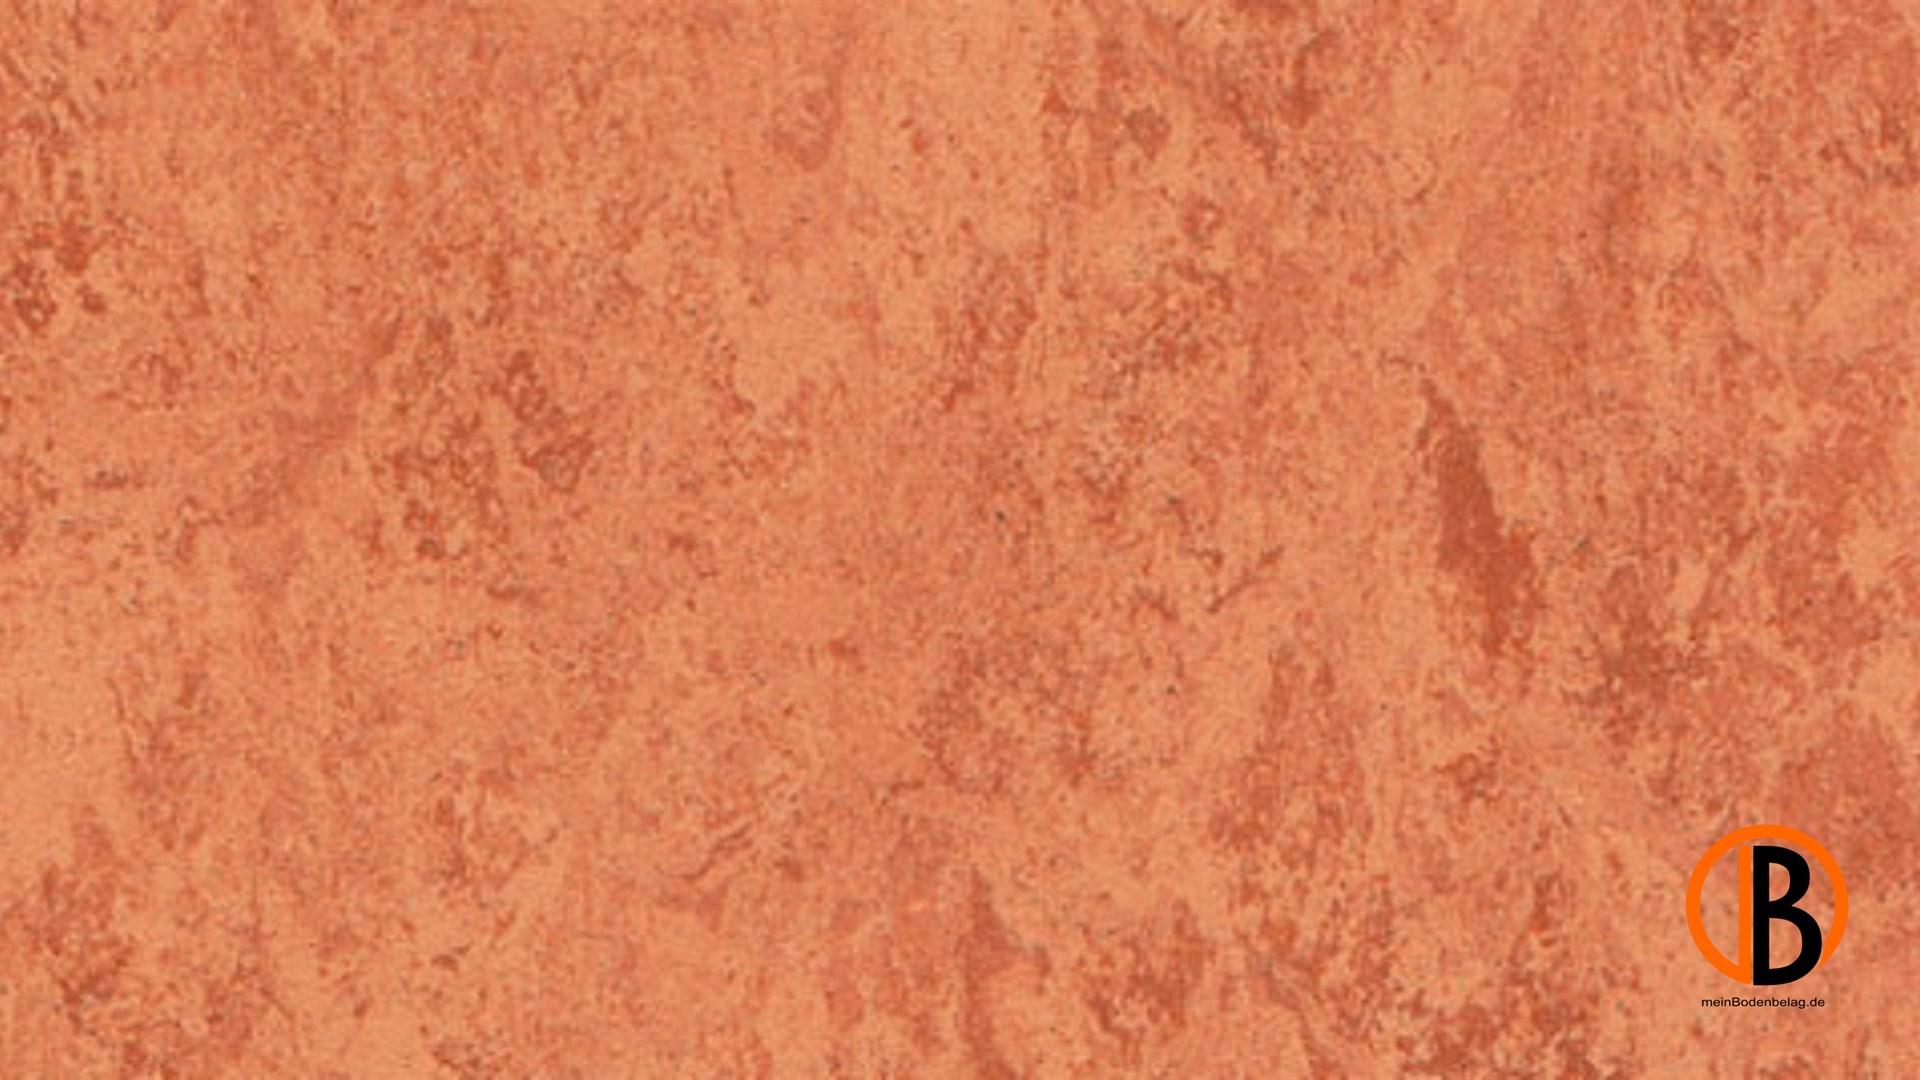 CINQUE KWG LINOLEUM-FERTIGPARKETT PICOLINO | 10000411;0 | Bild 1